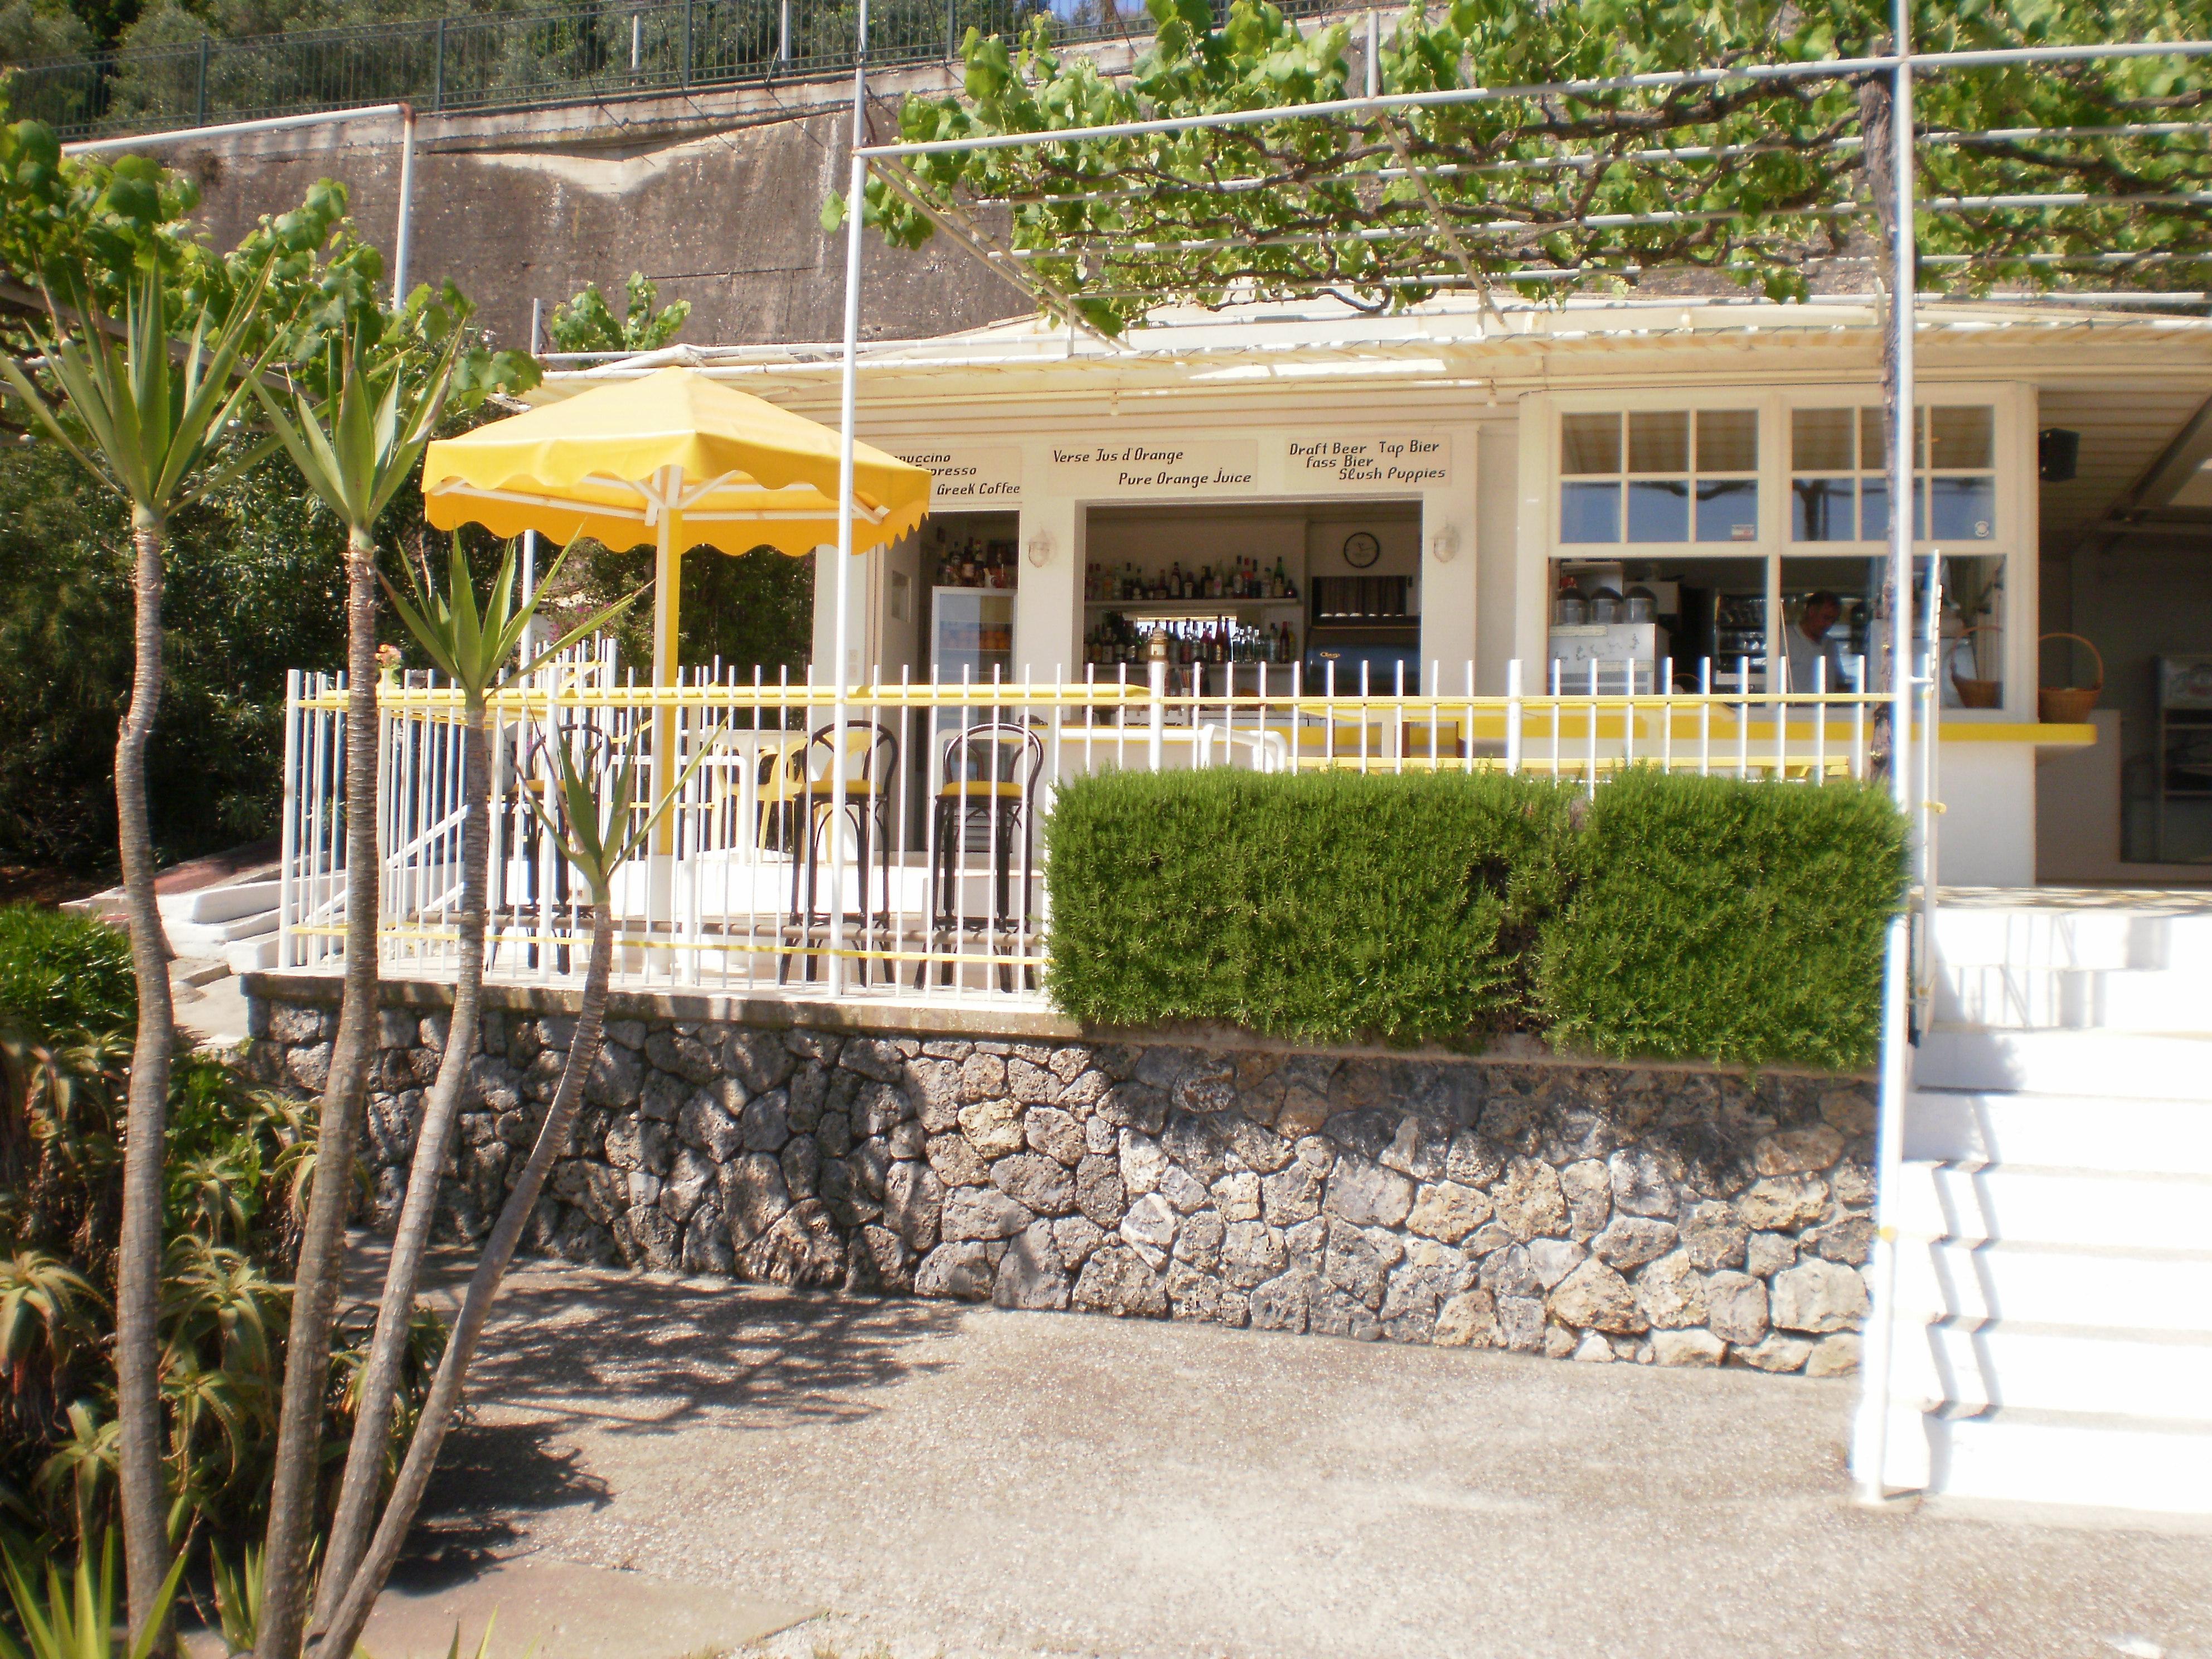 Appartement de vacances entspannte Ferien ein paar Schritte vom Meer entfernt (2187693), Moraitika, Corfou, Iles Ioniennes, Grèce, image 12